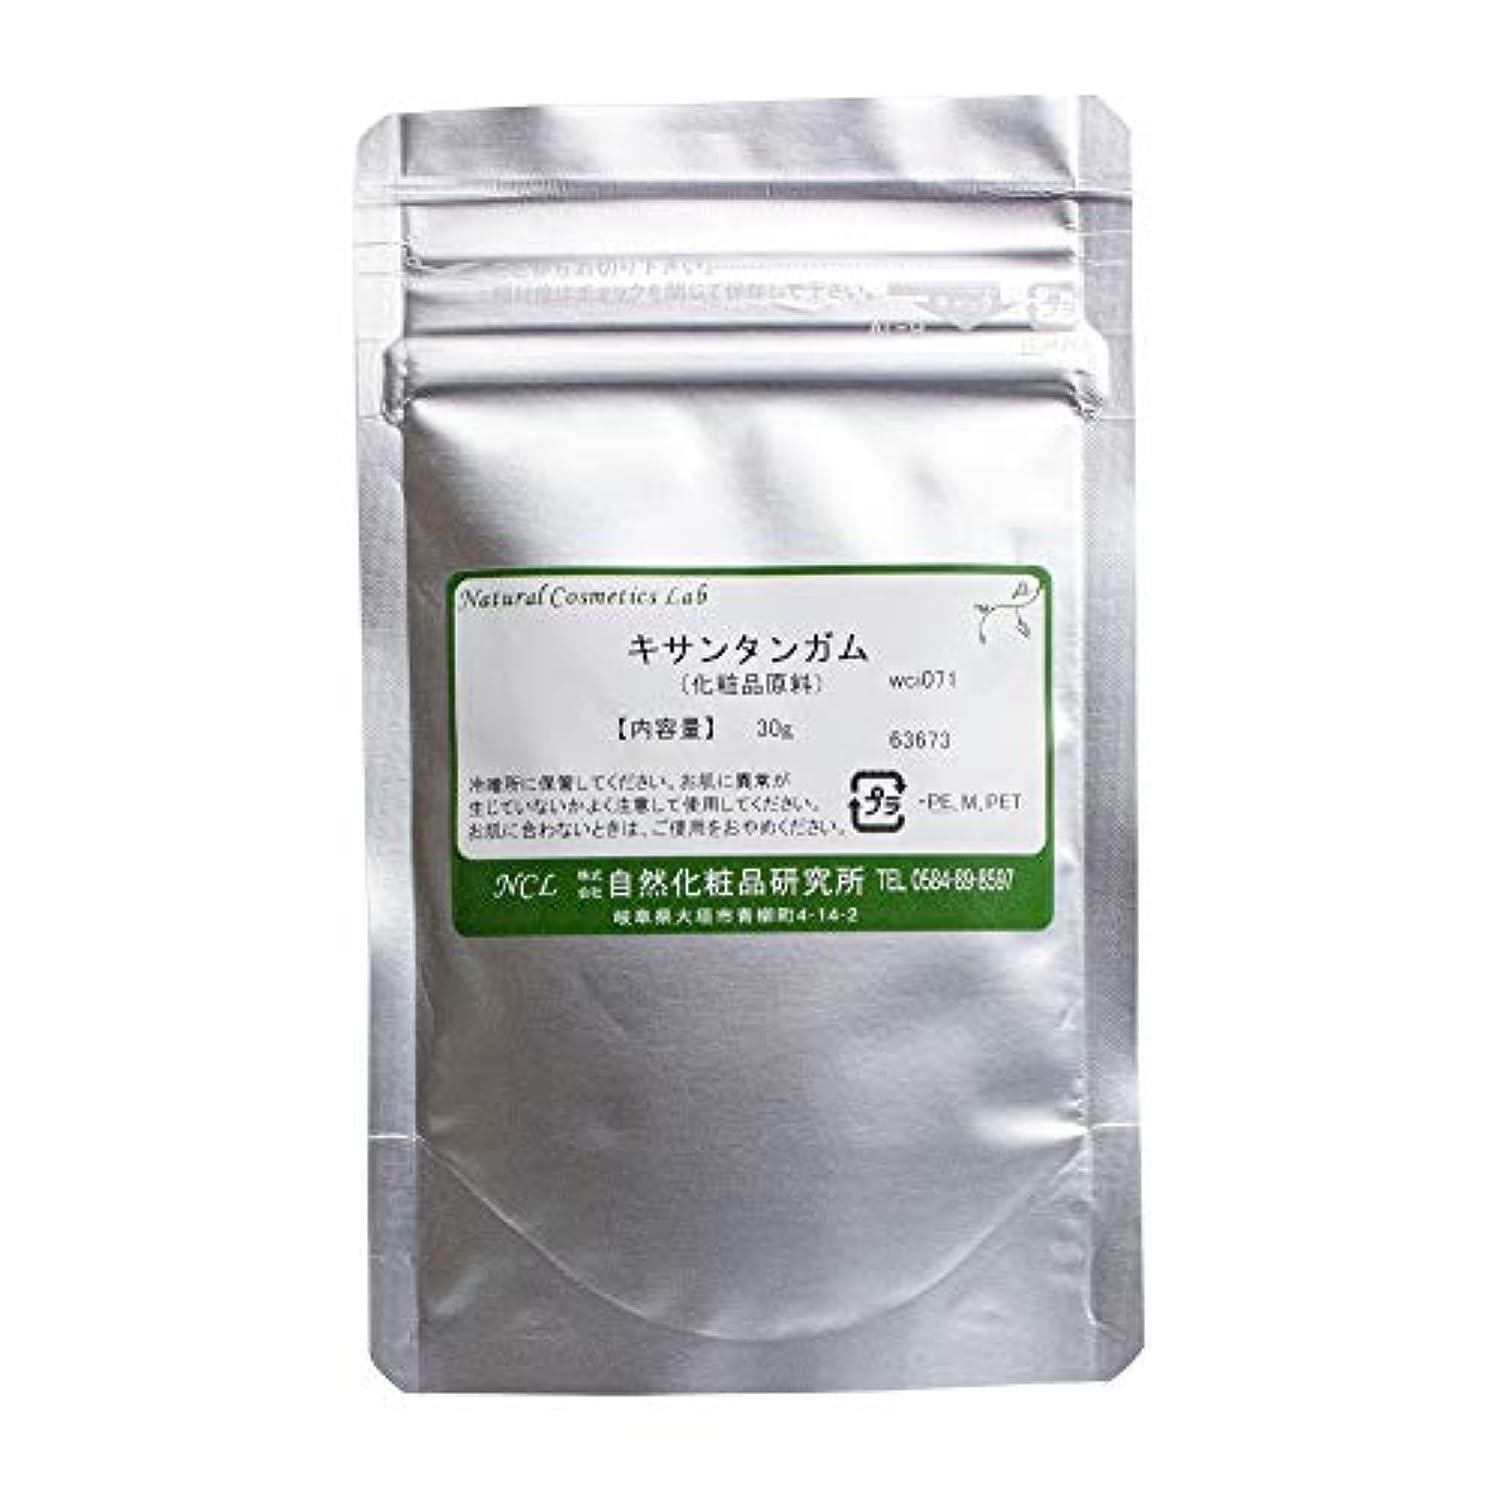 調和のとれた特徴づける修正キサンタンガム 30g 【手作り化粧品原料】